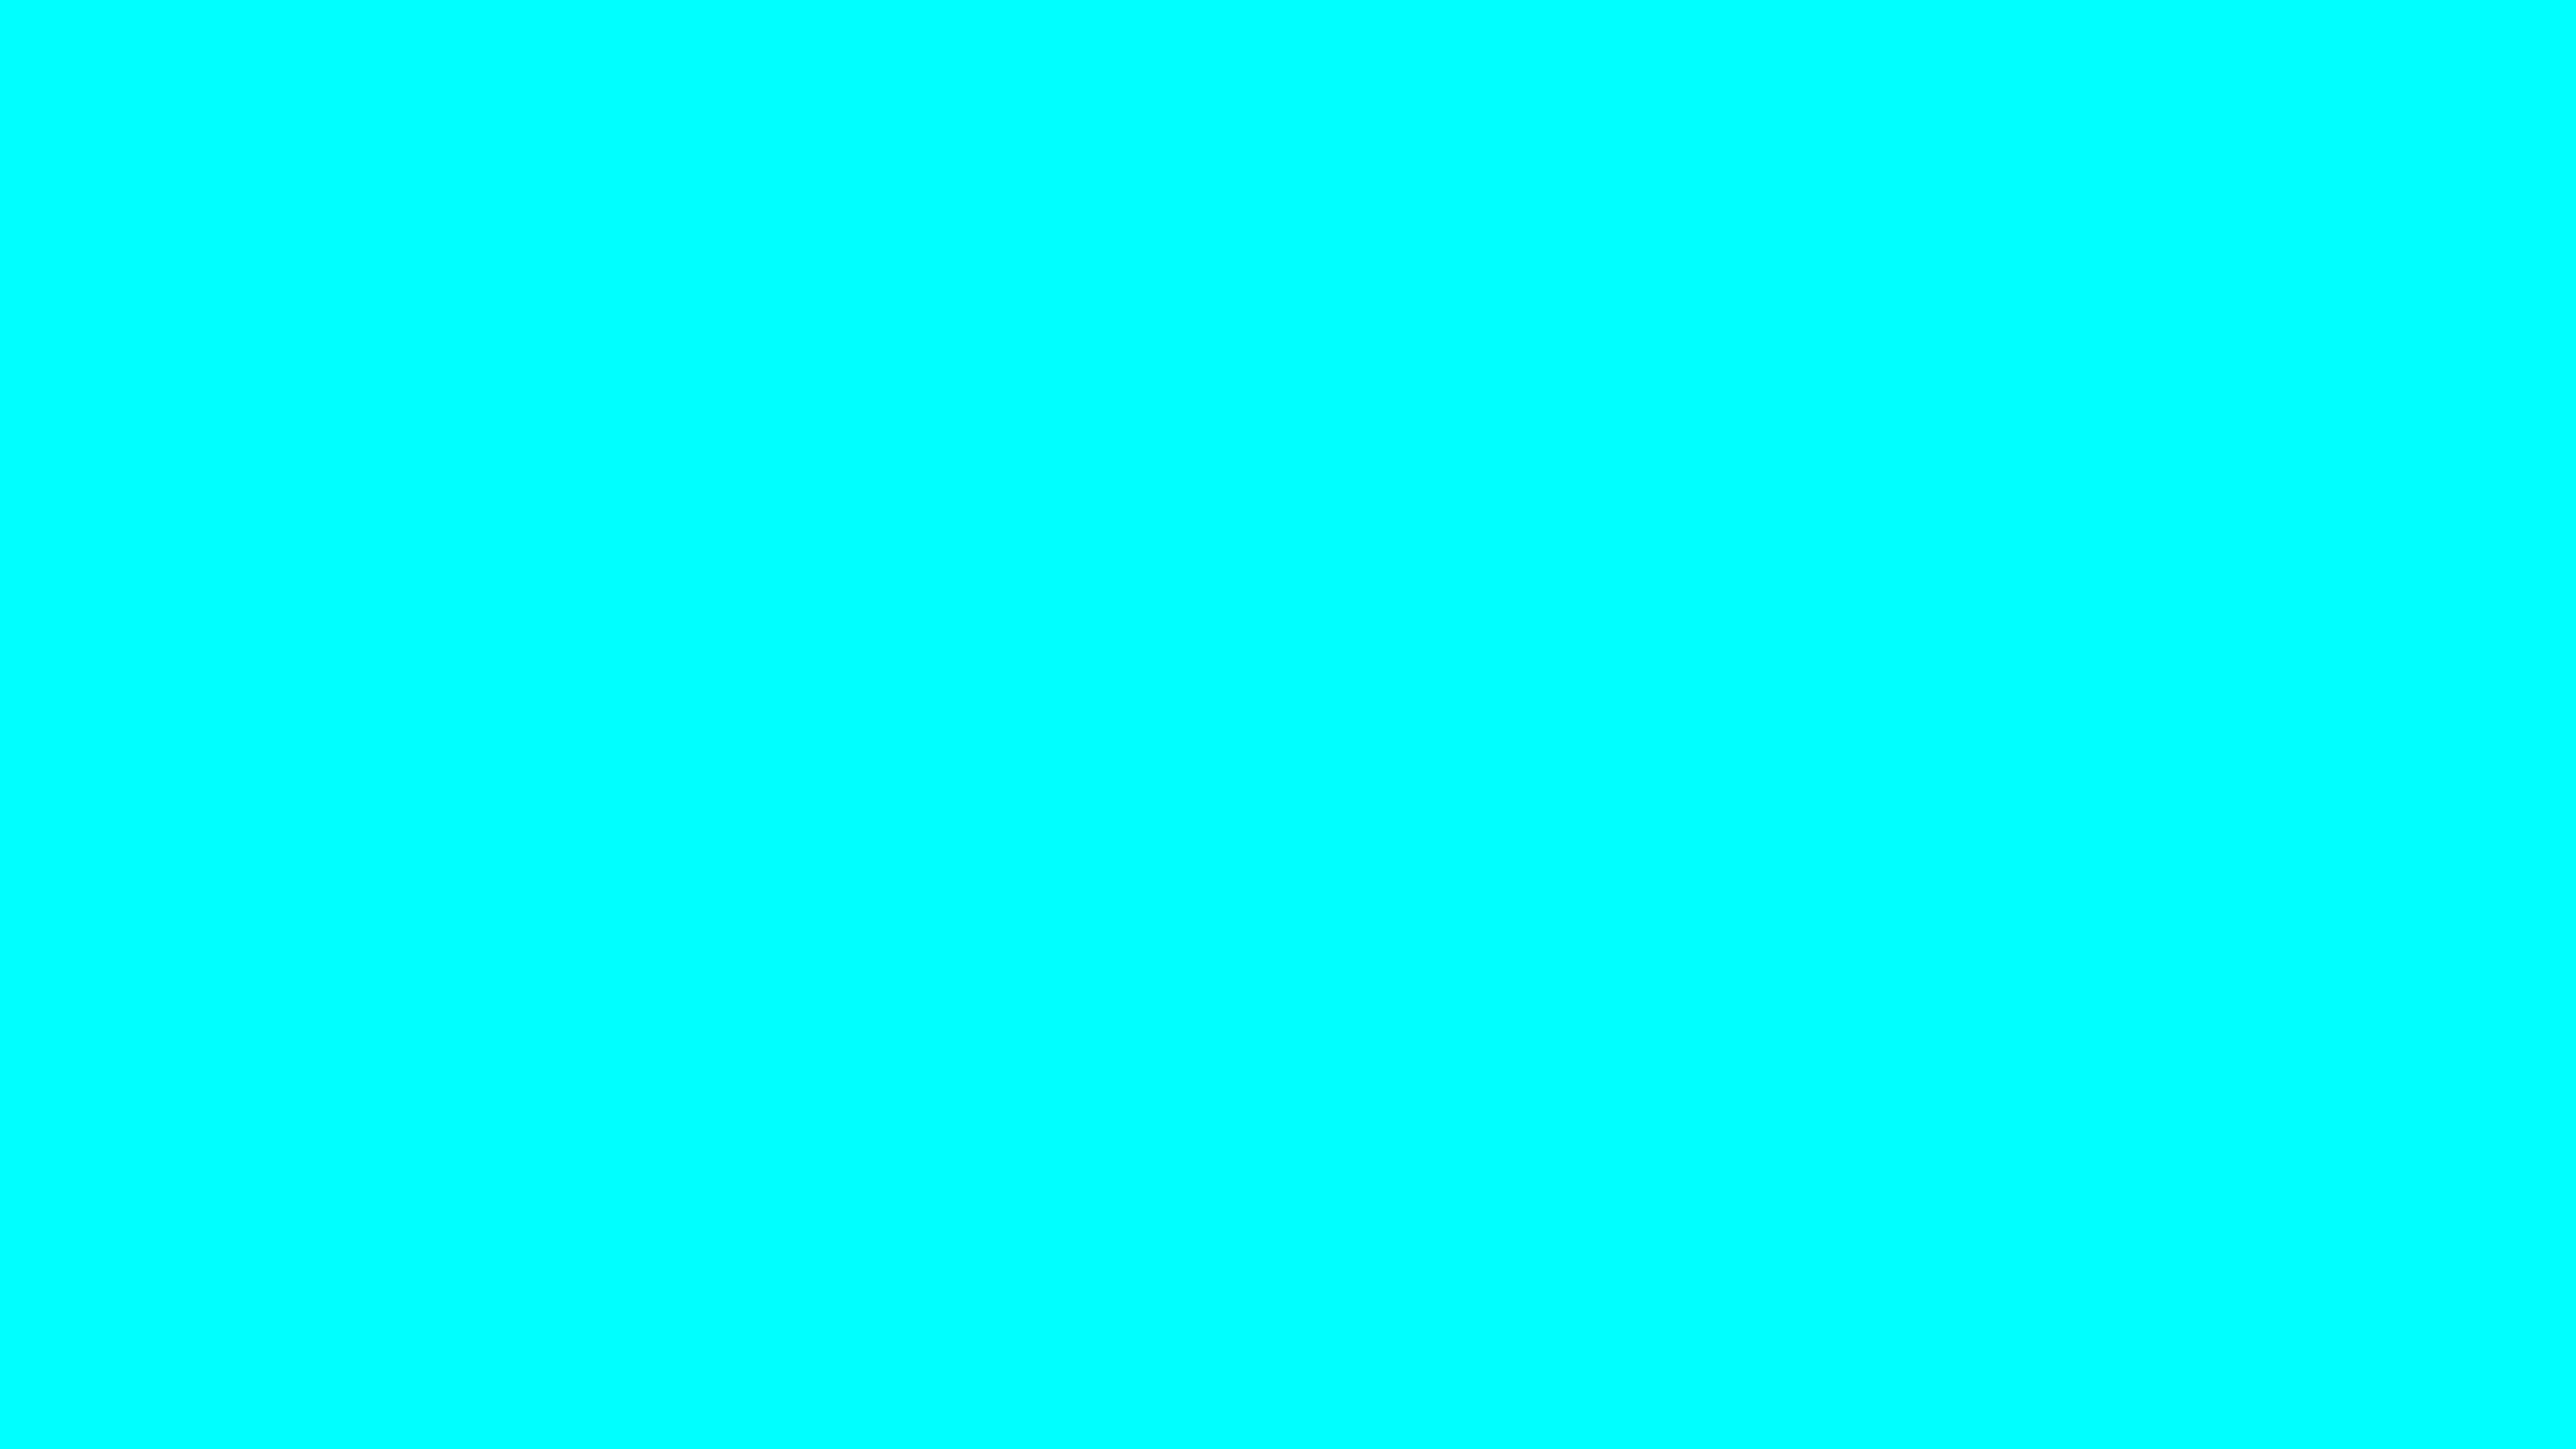 3840x2160 Aqua Solid Color Background